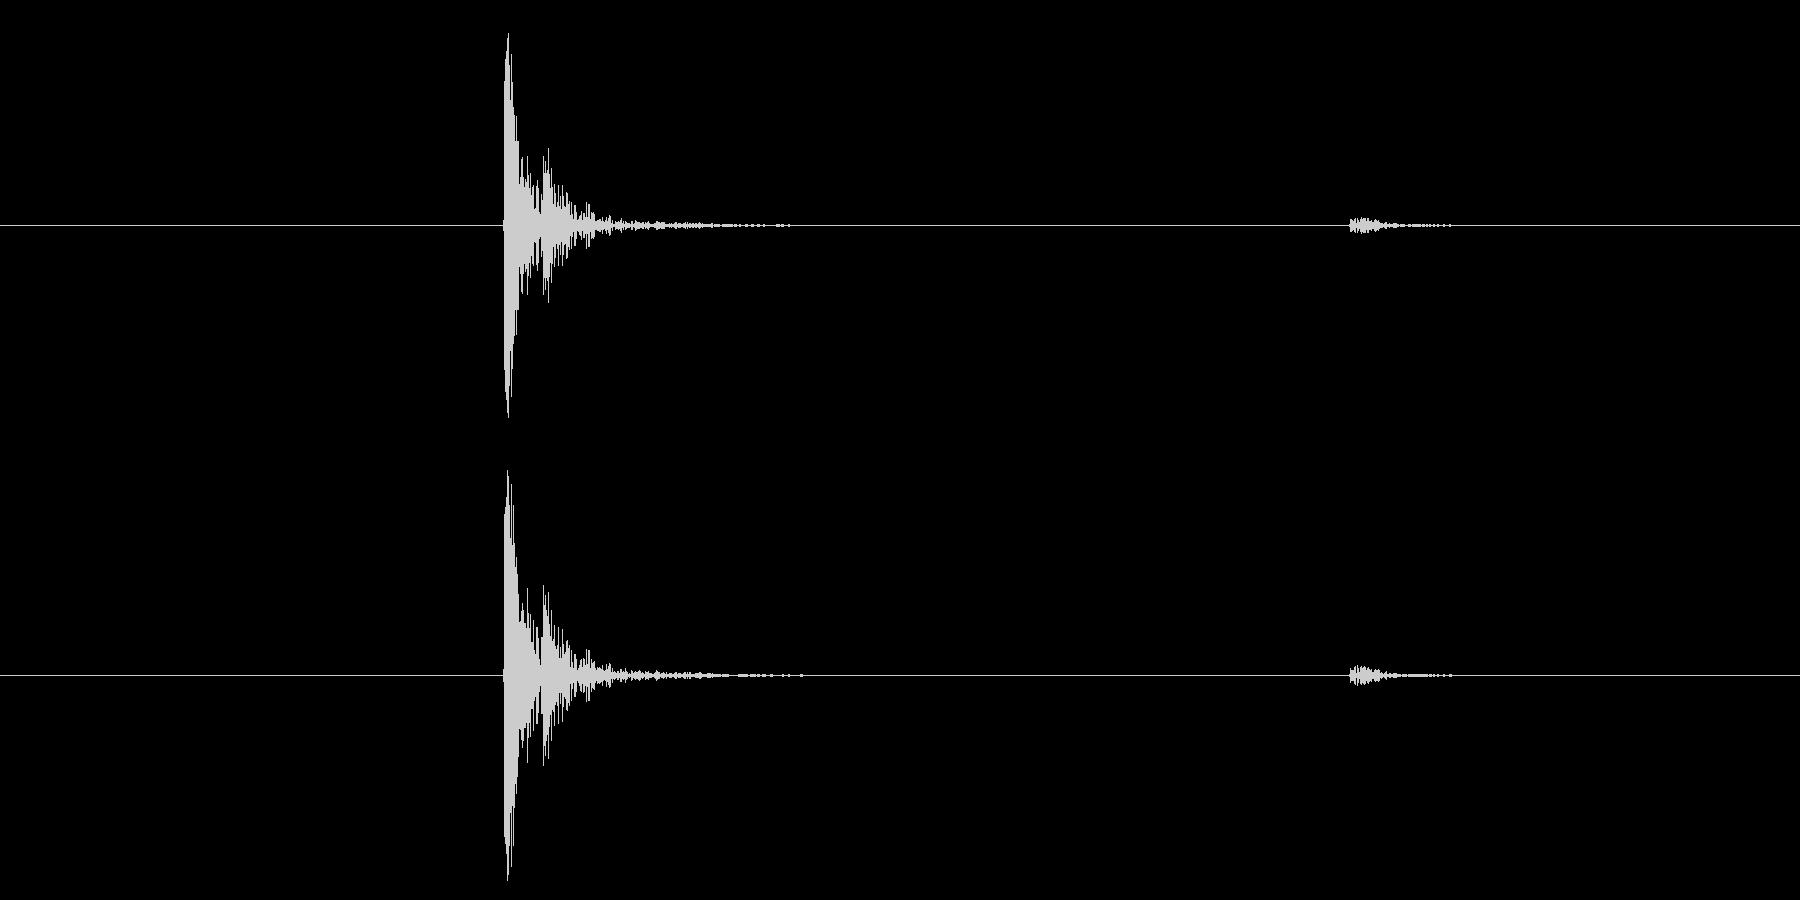 ダイヤルフォン:スラムダウンレシー...の未再生の波形